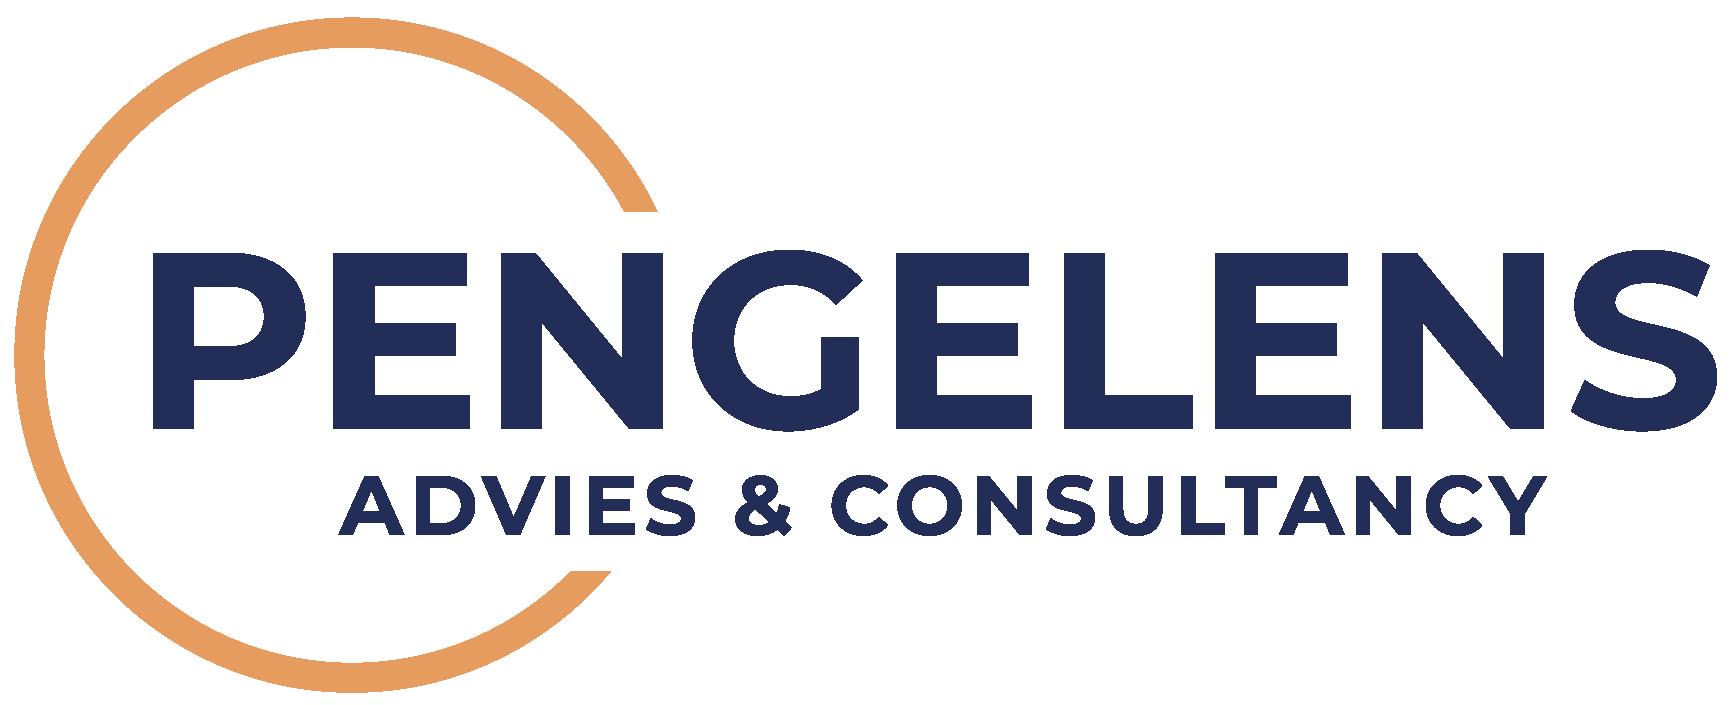 Pengelens Advies & Consultancy